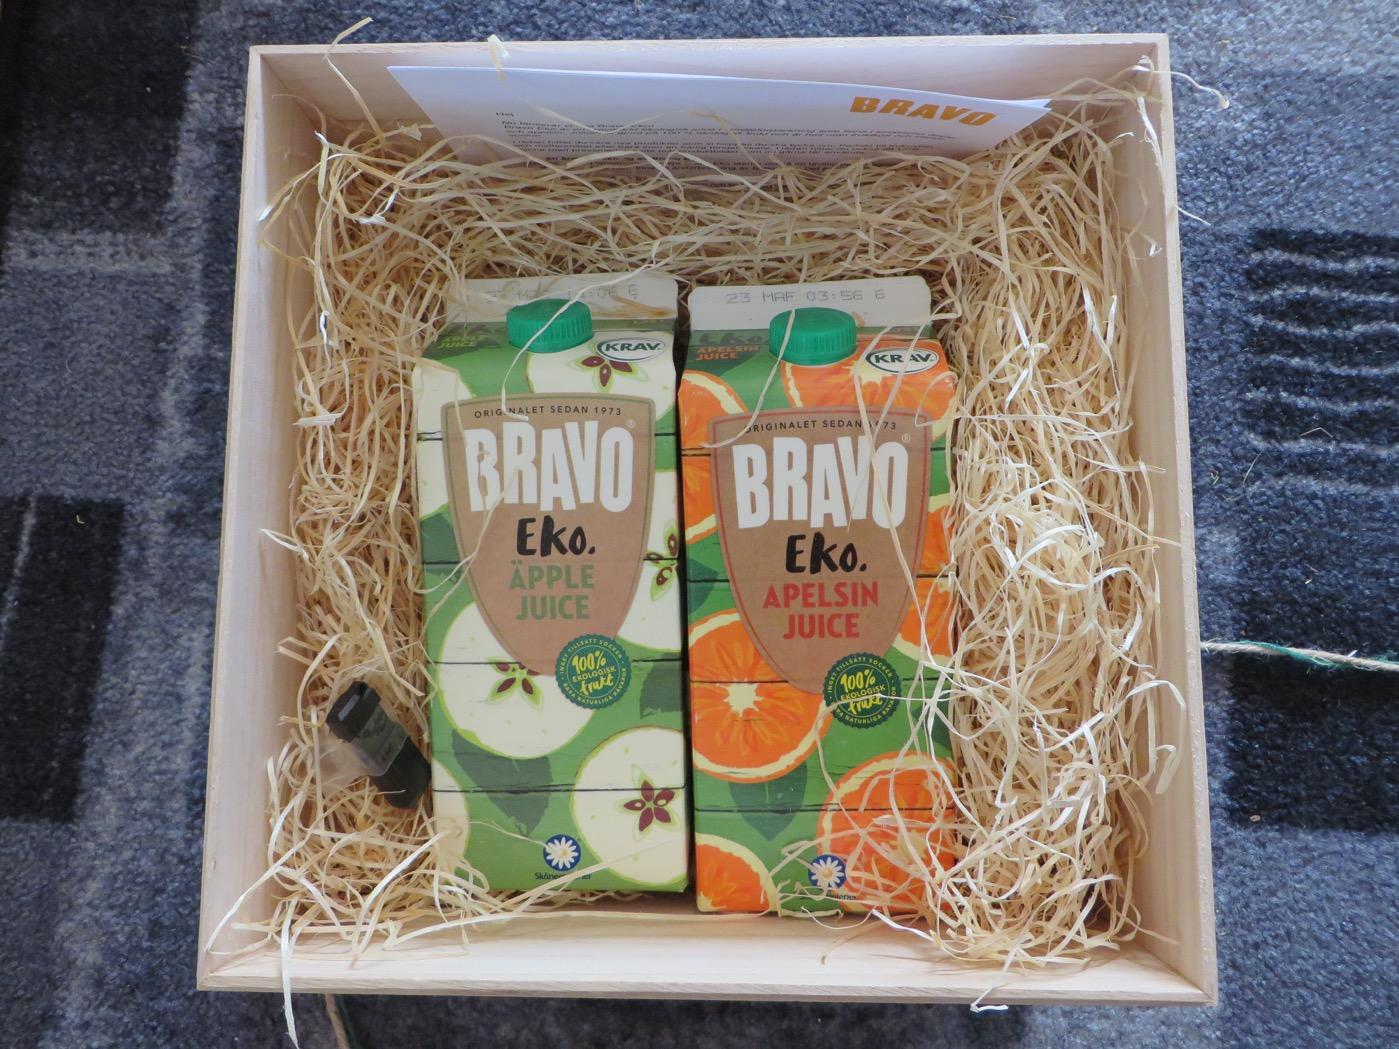 Nya ekologiska juicer från Bravo